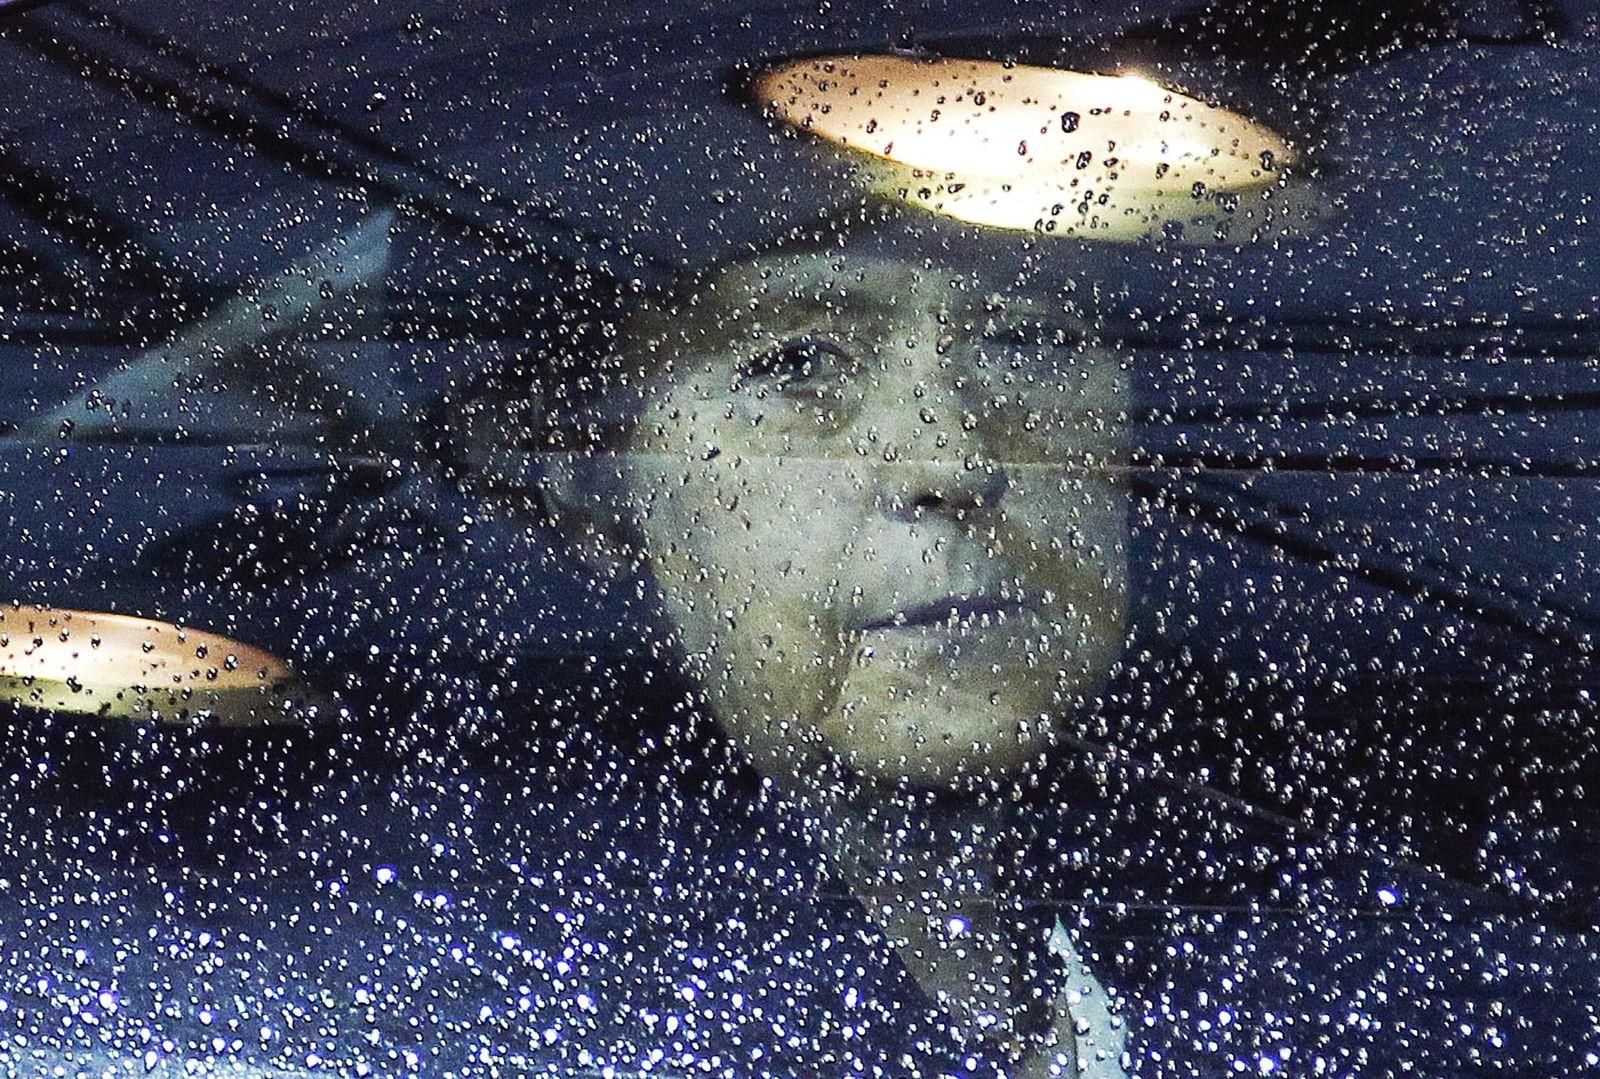 Merkel/ Auto/ Regentropfen